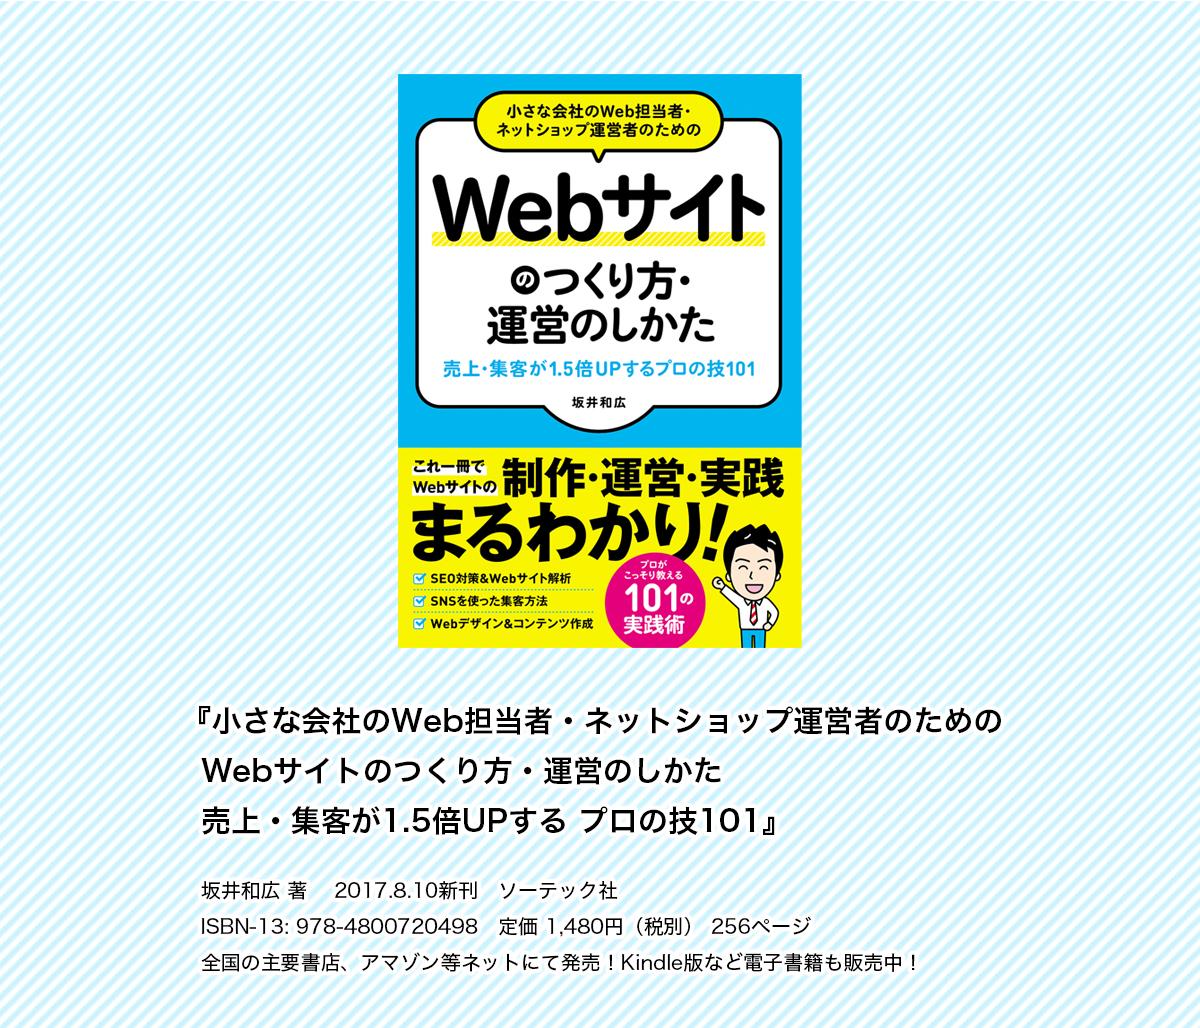 『小さな会社のWeb担当者・ネットショップ運営者のためのWebサイトのつくり方・運営のしかた 売上・集客が1.5倍UPする プロの技101』ソーテック社